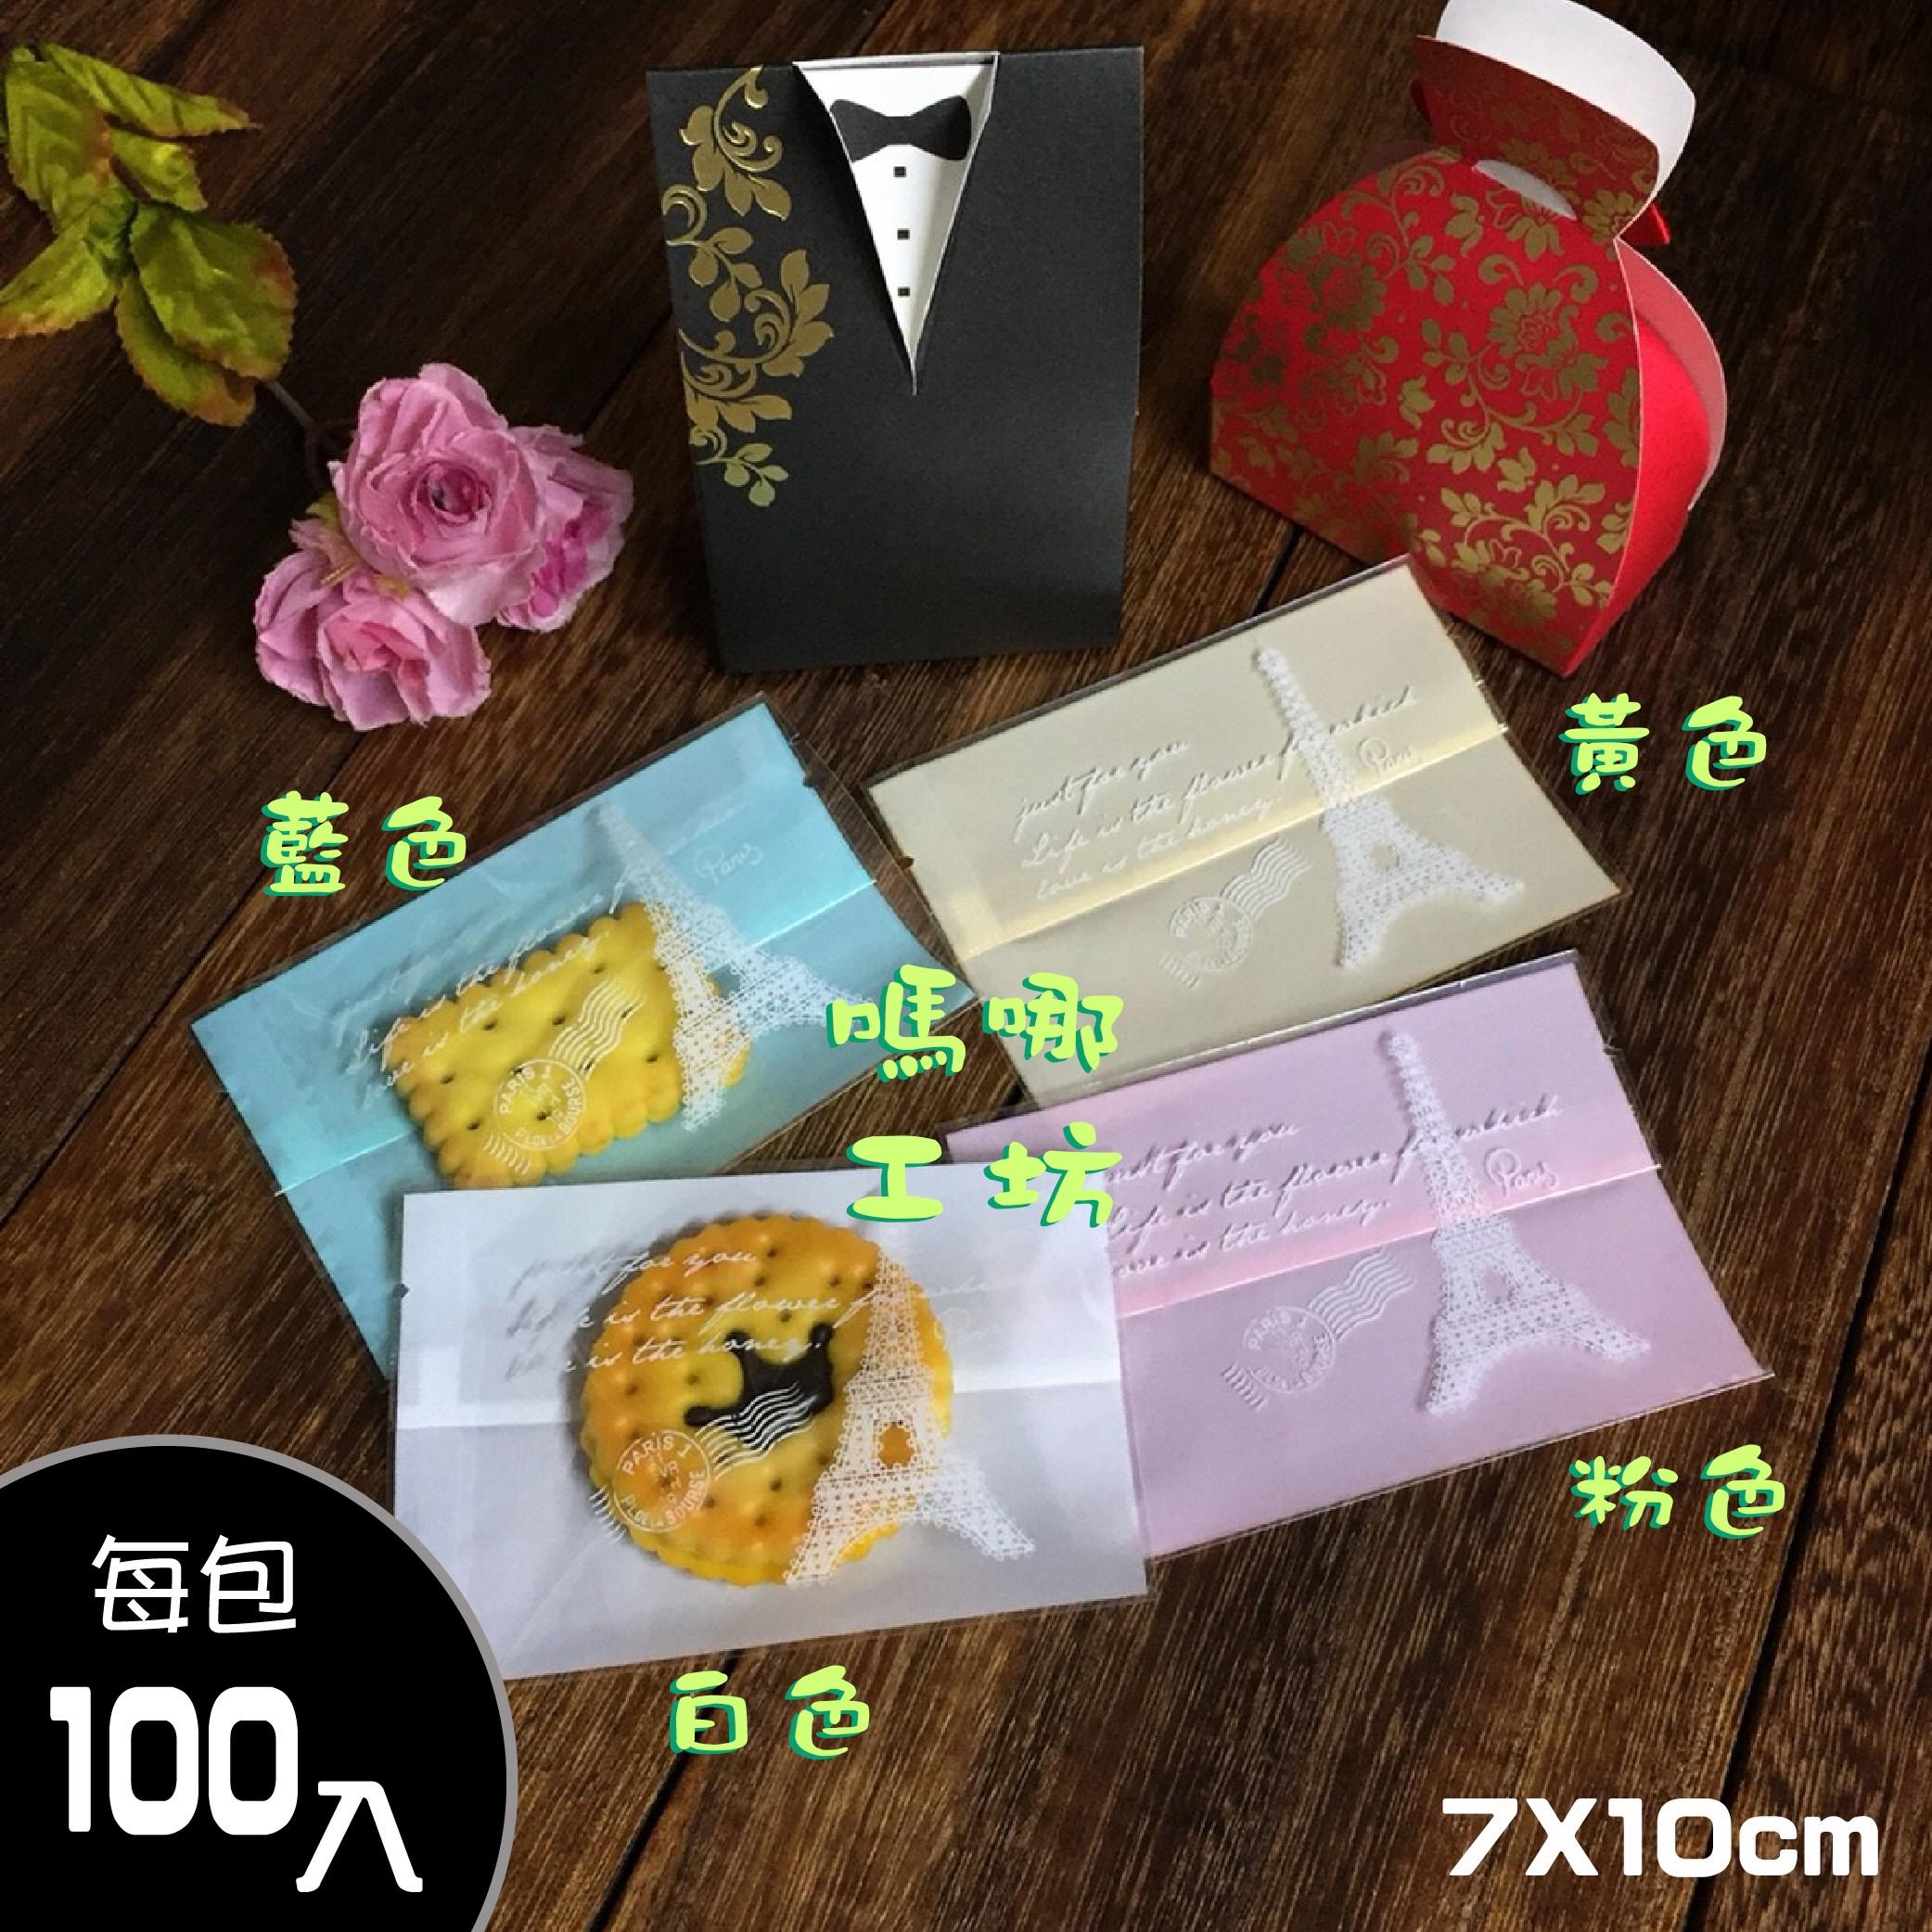 《巴黎時光-平口餅乾袋7x10cm/需封口機/100入》包裝袋/糖果袋/麵包袋/餅乾袋/西點袋/飾品袋/塑膠袋/烘培包裝